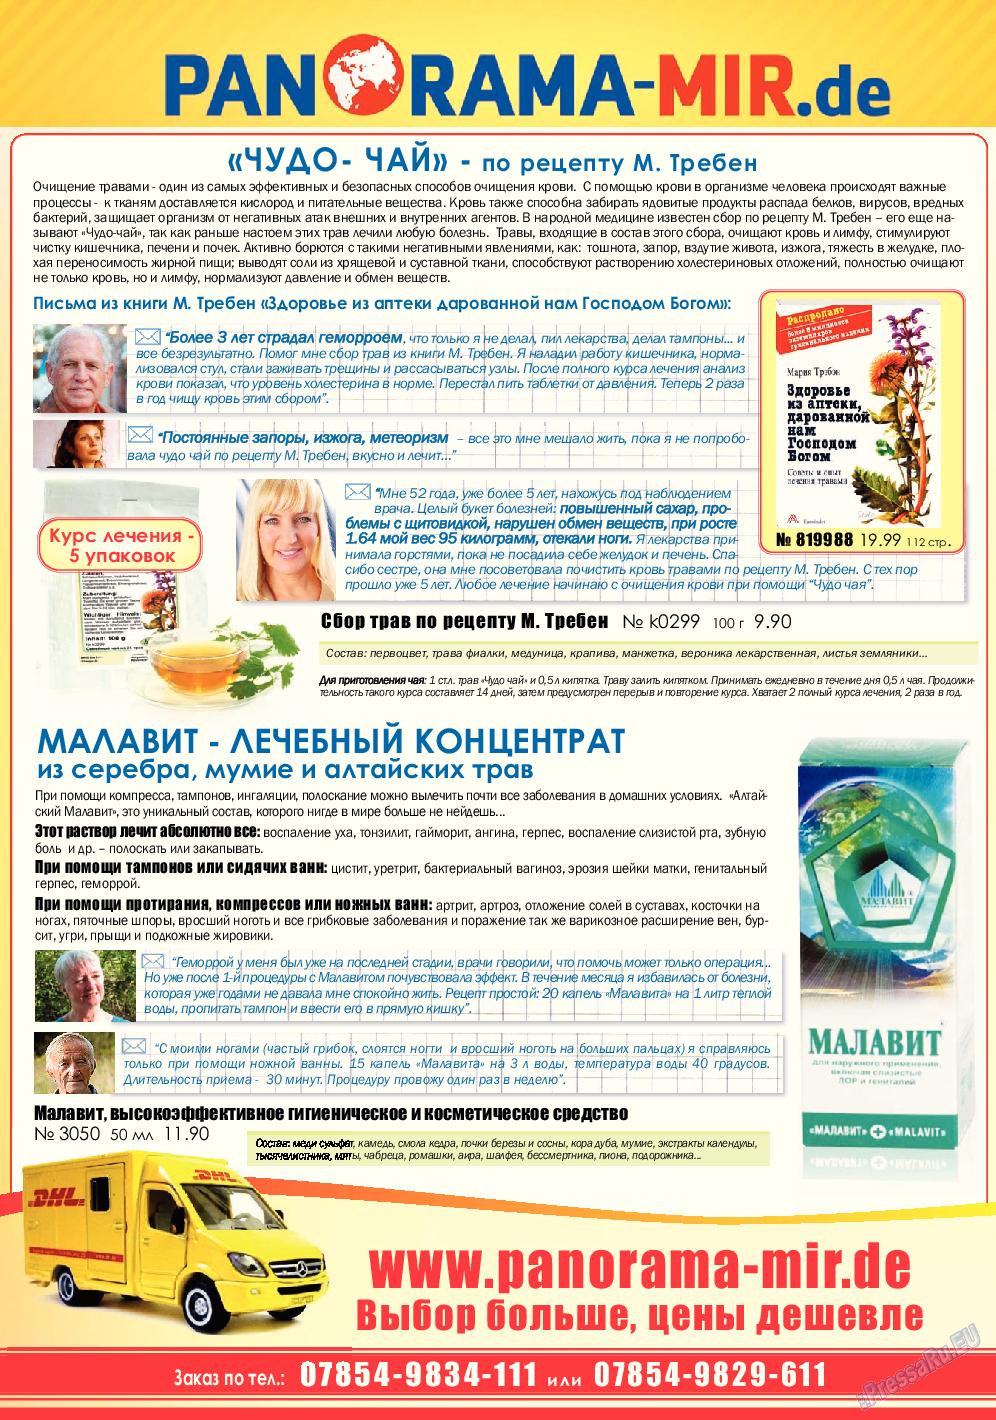 Кругозор (газета). 2015 год, номер 7, стр. 24